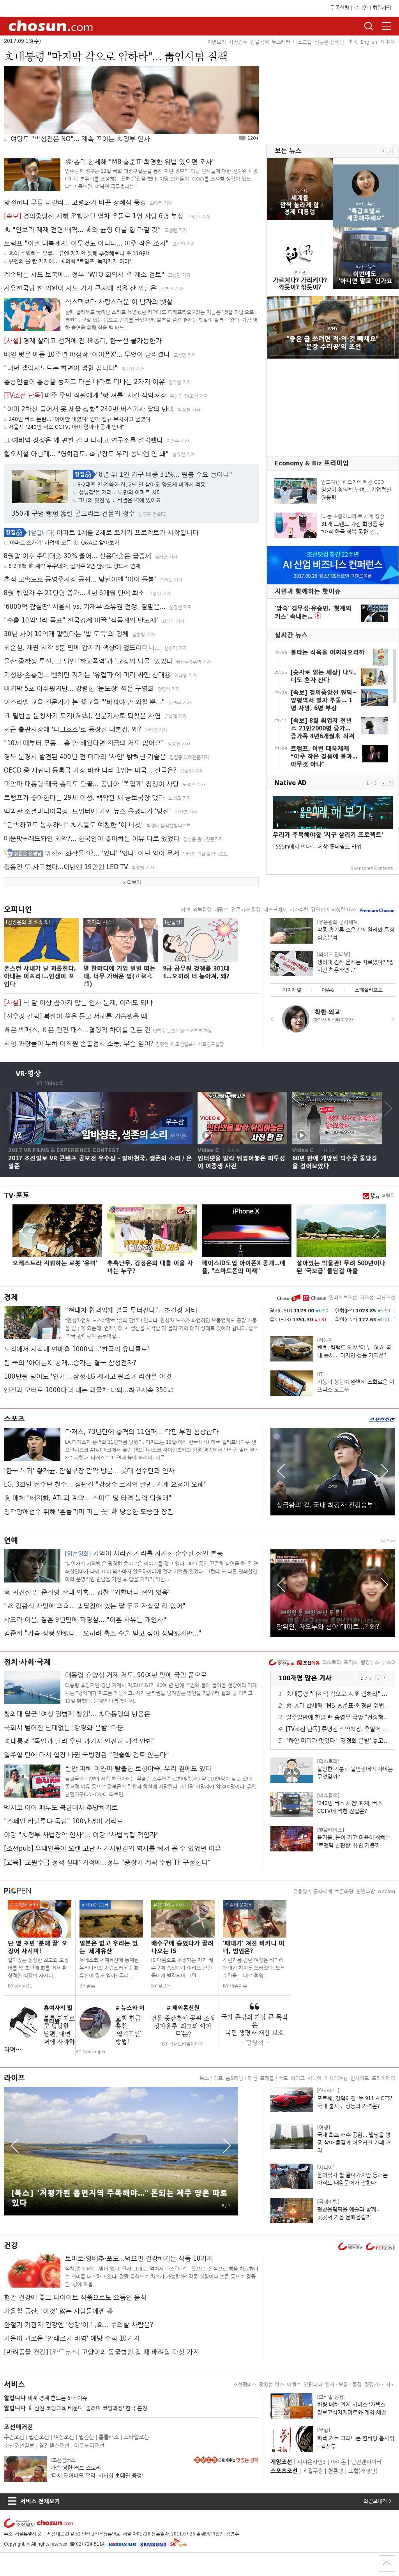 chosun.com at Wednesday Sept. 13, 2017, 12:02 a.m. UTC